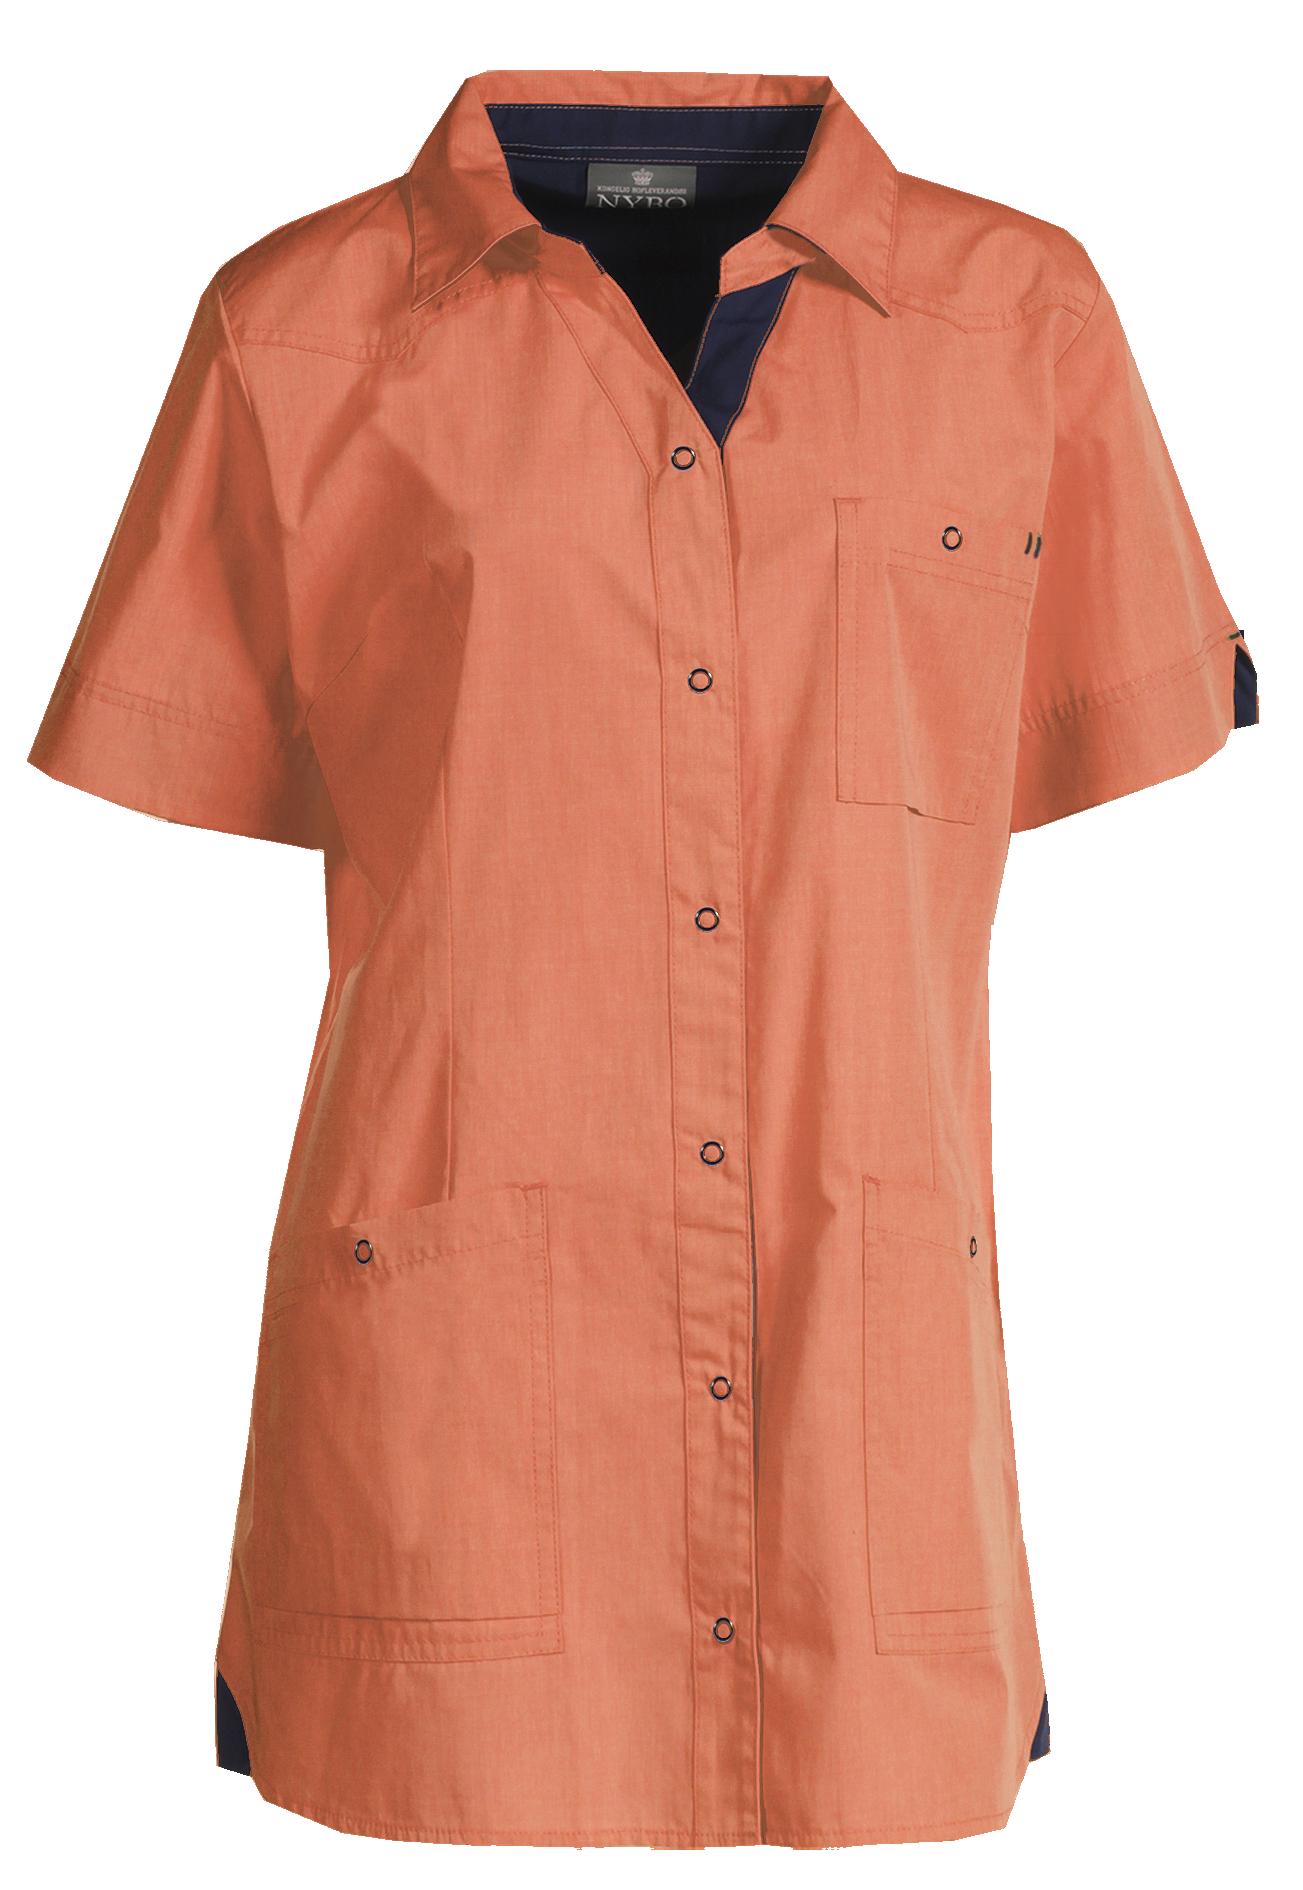 57ff8da75ad2 Dameskjorte tunika